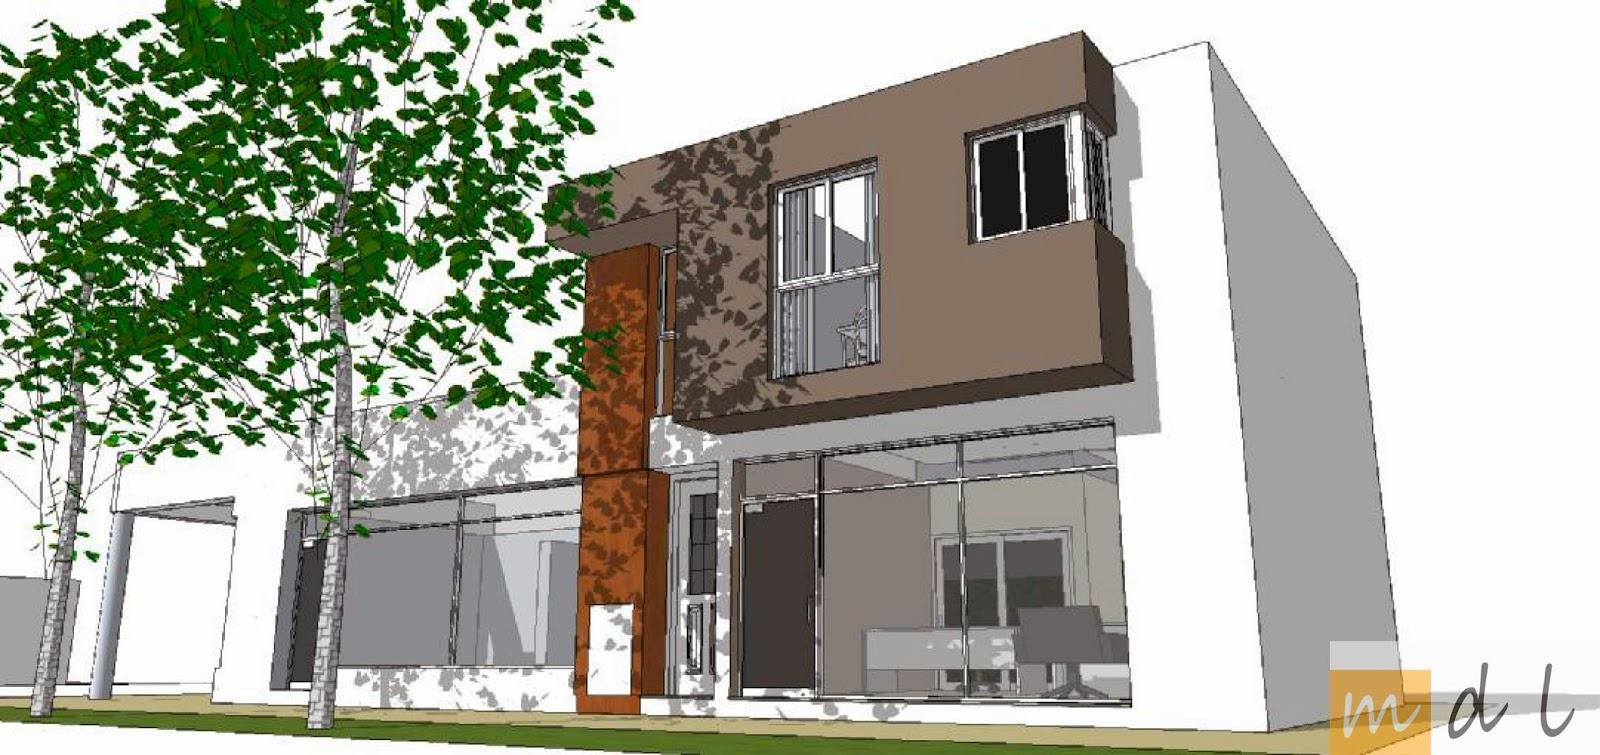 Arquitecta miriam di leo proyecto de local comercial y departamentos reconquista enero 2014 - Proyecto local comercial ...